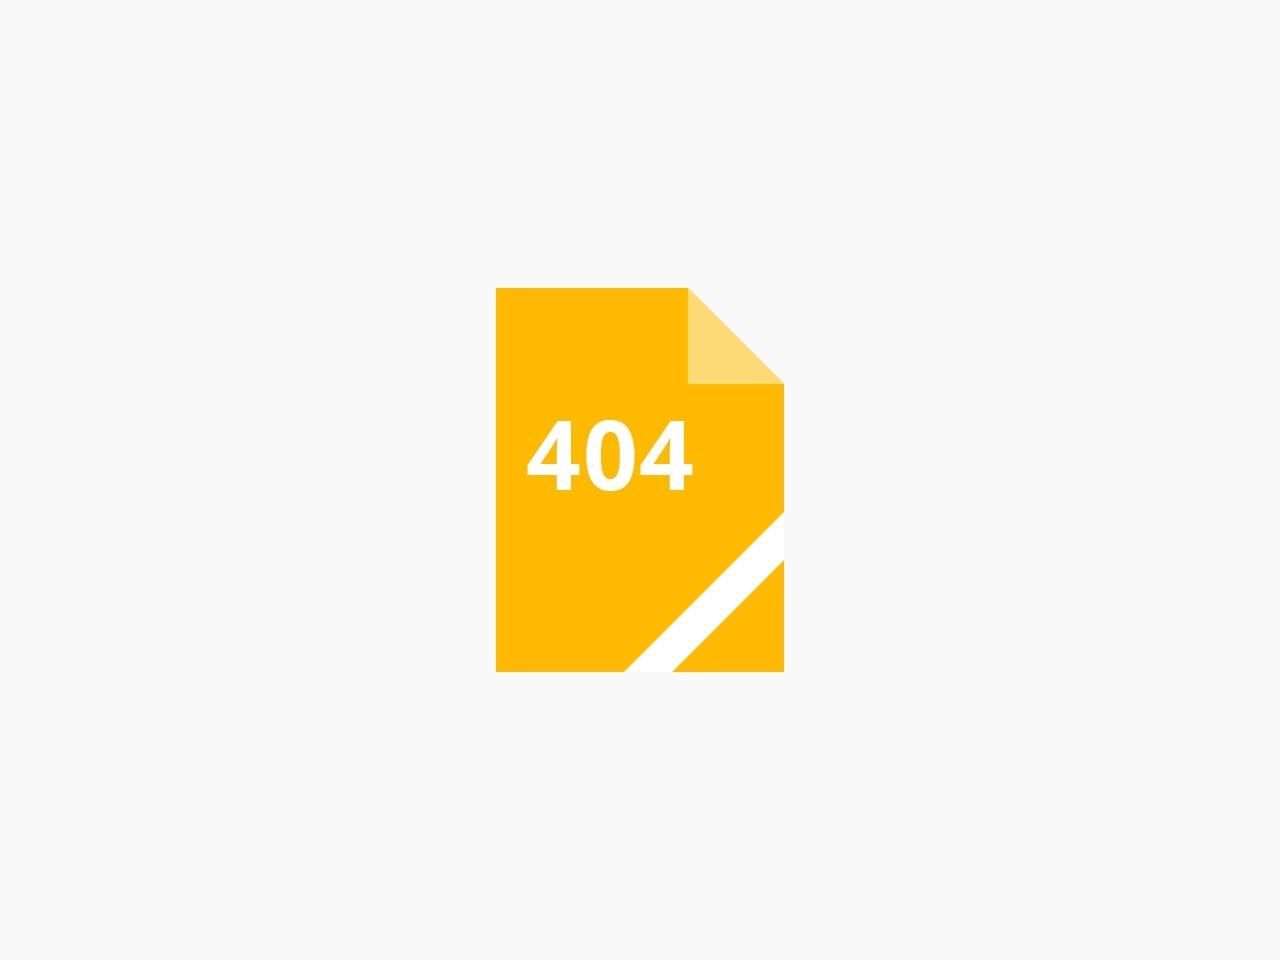 域名被墙查询_域名被墙检测_DNS污染_微信拦截_QQ拦截